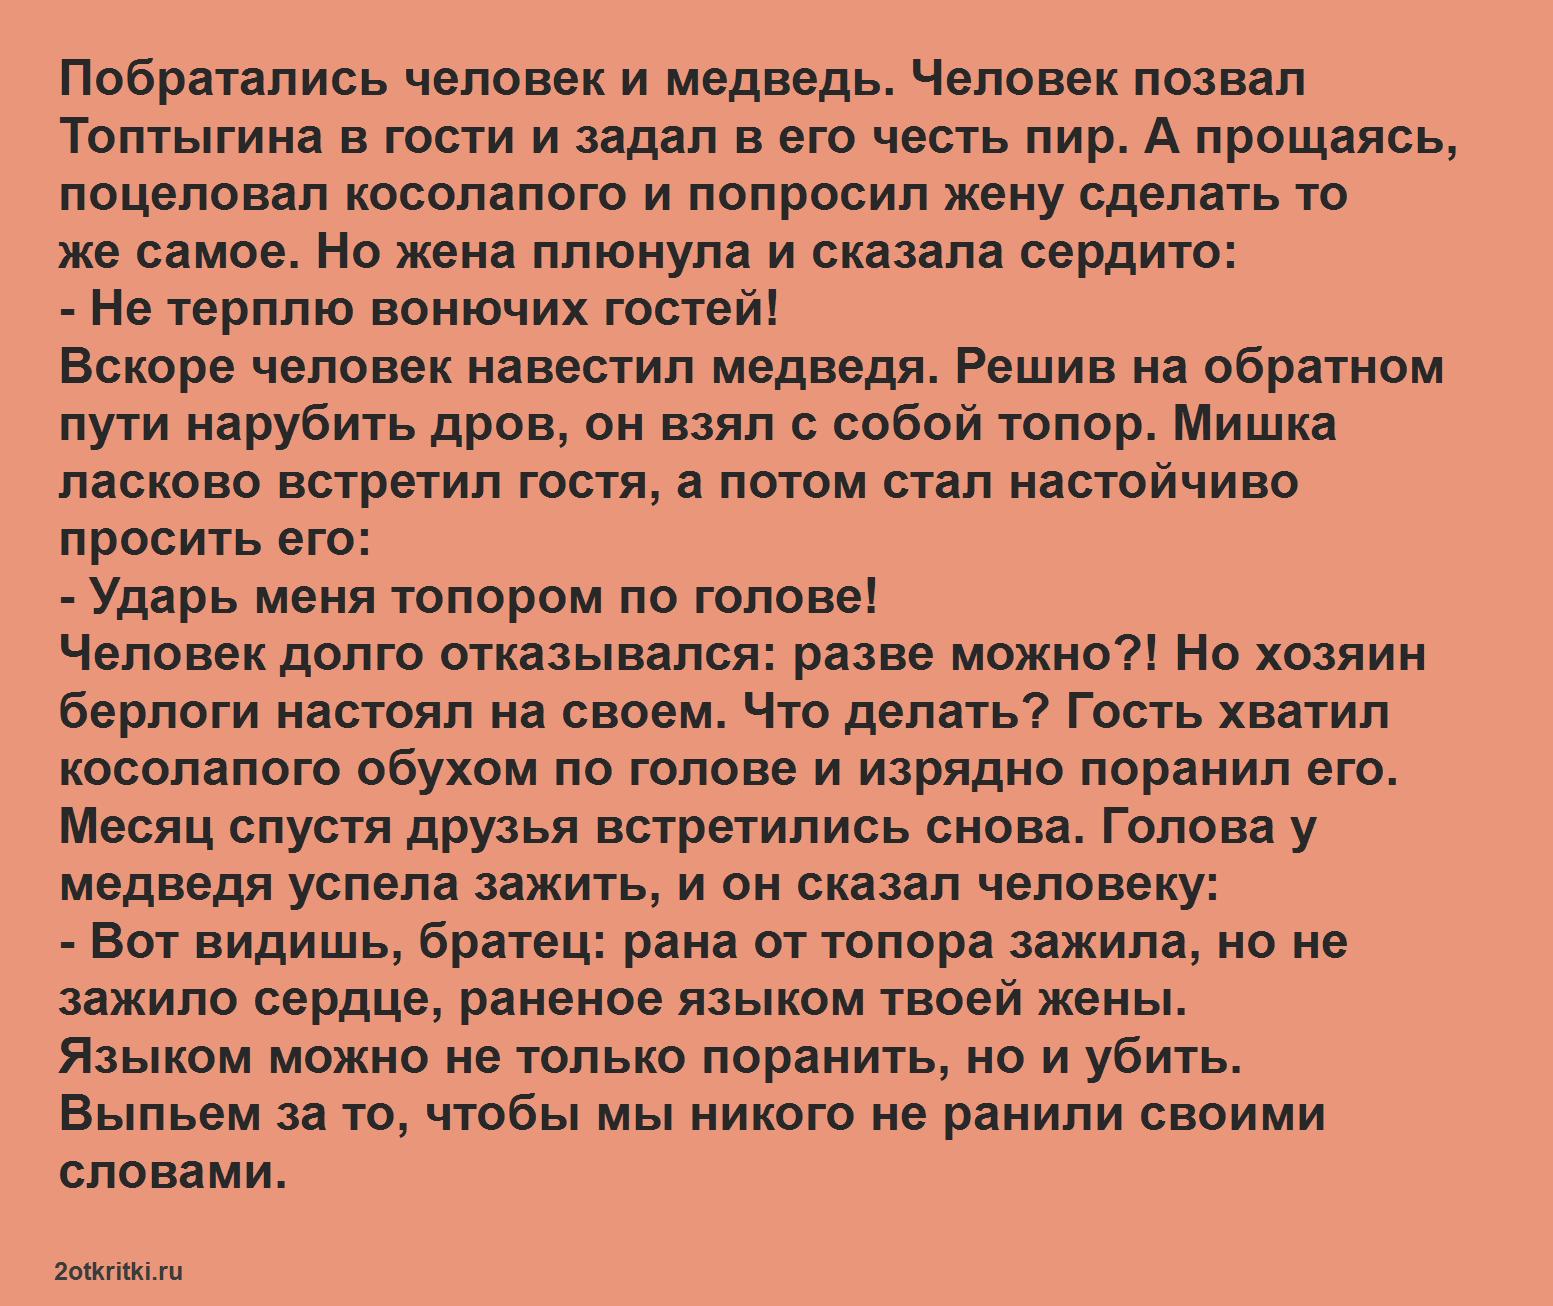 Поучительные Кавказские тосты